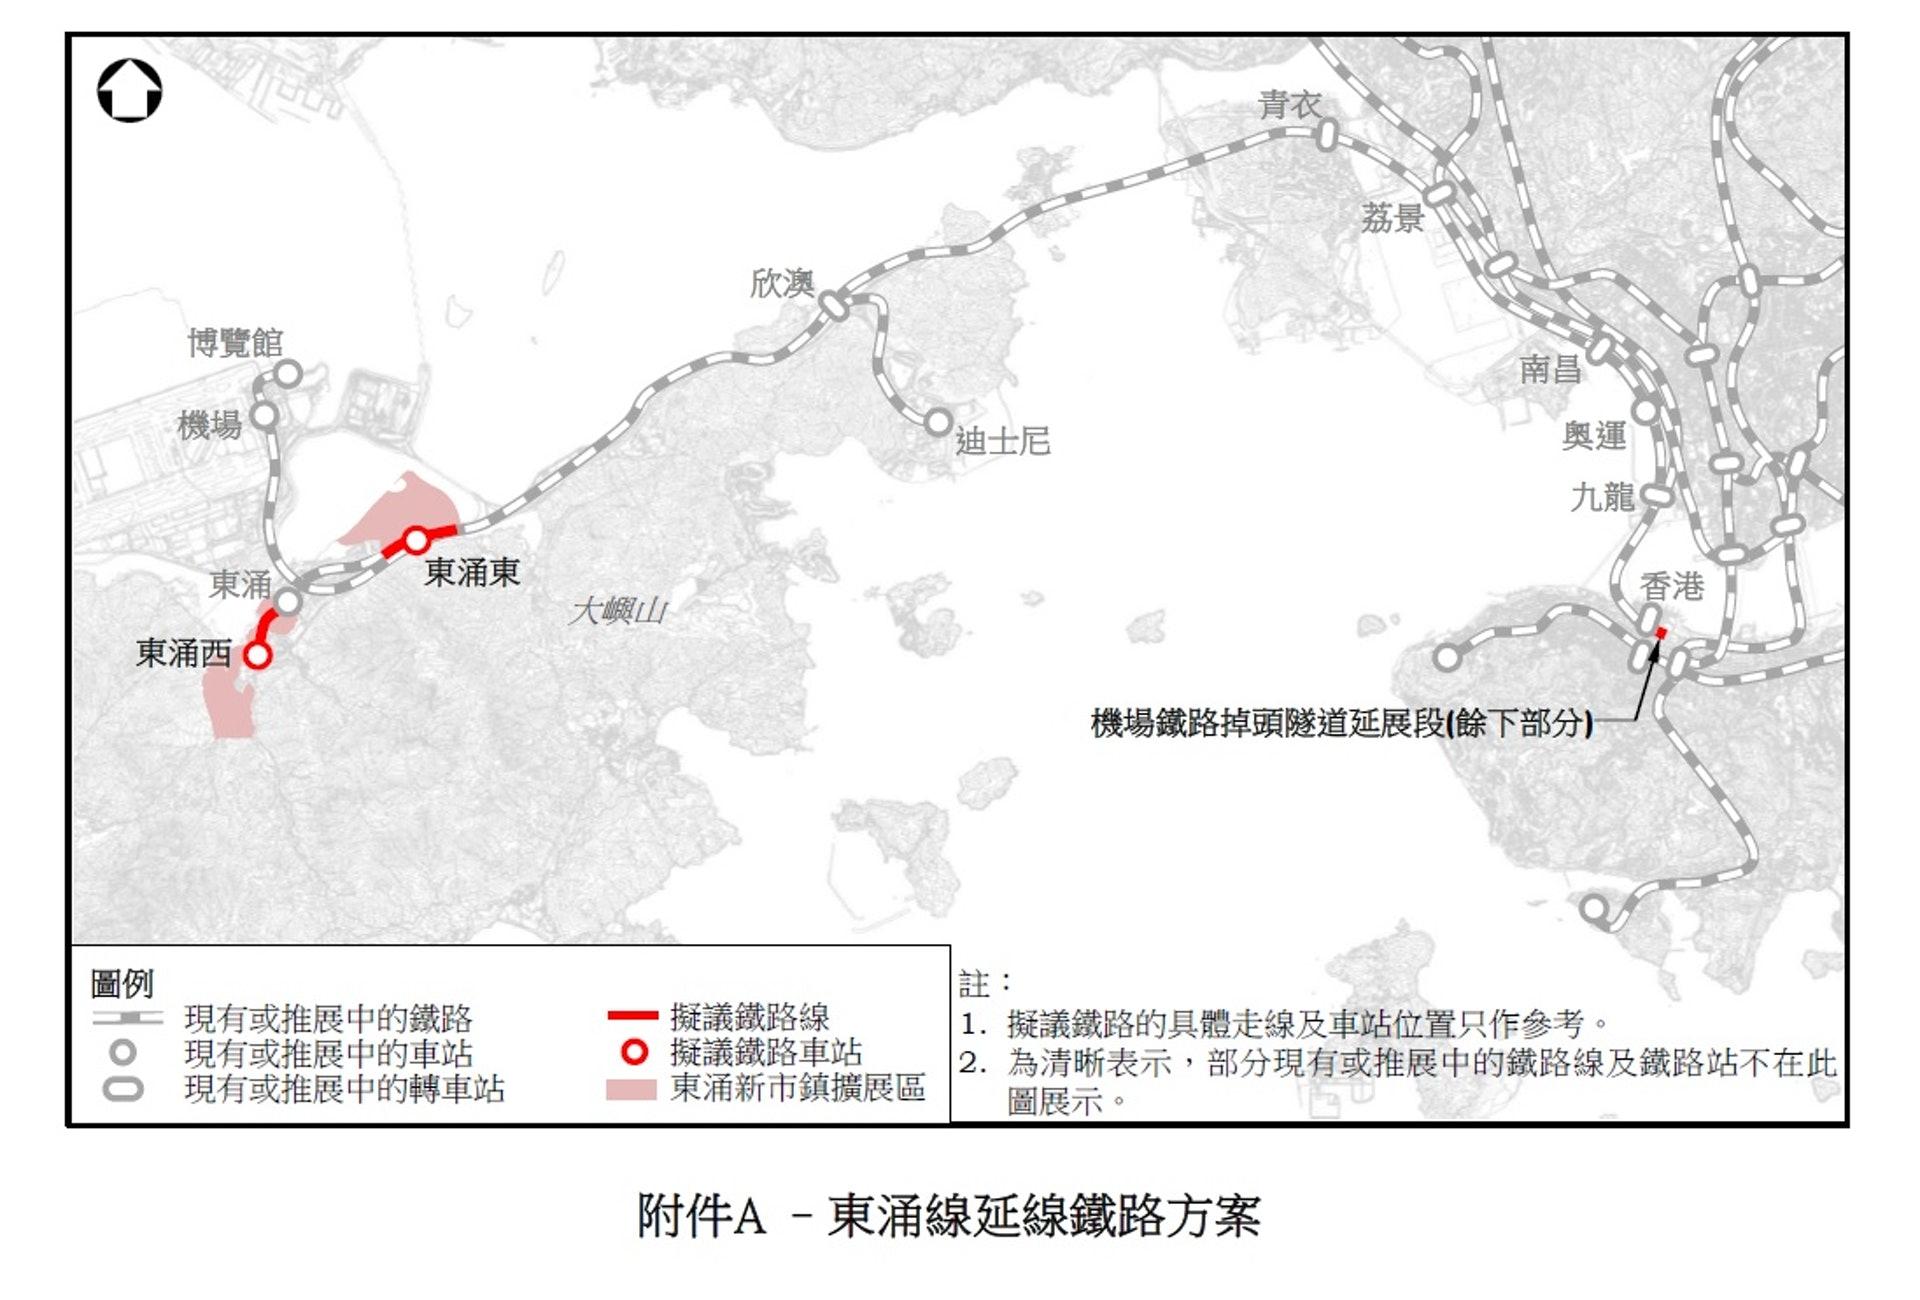 東涌延線方案